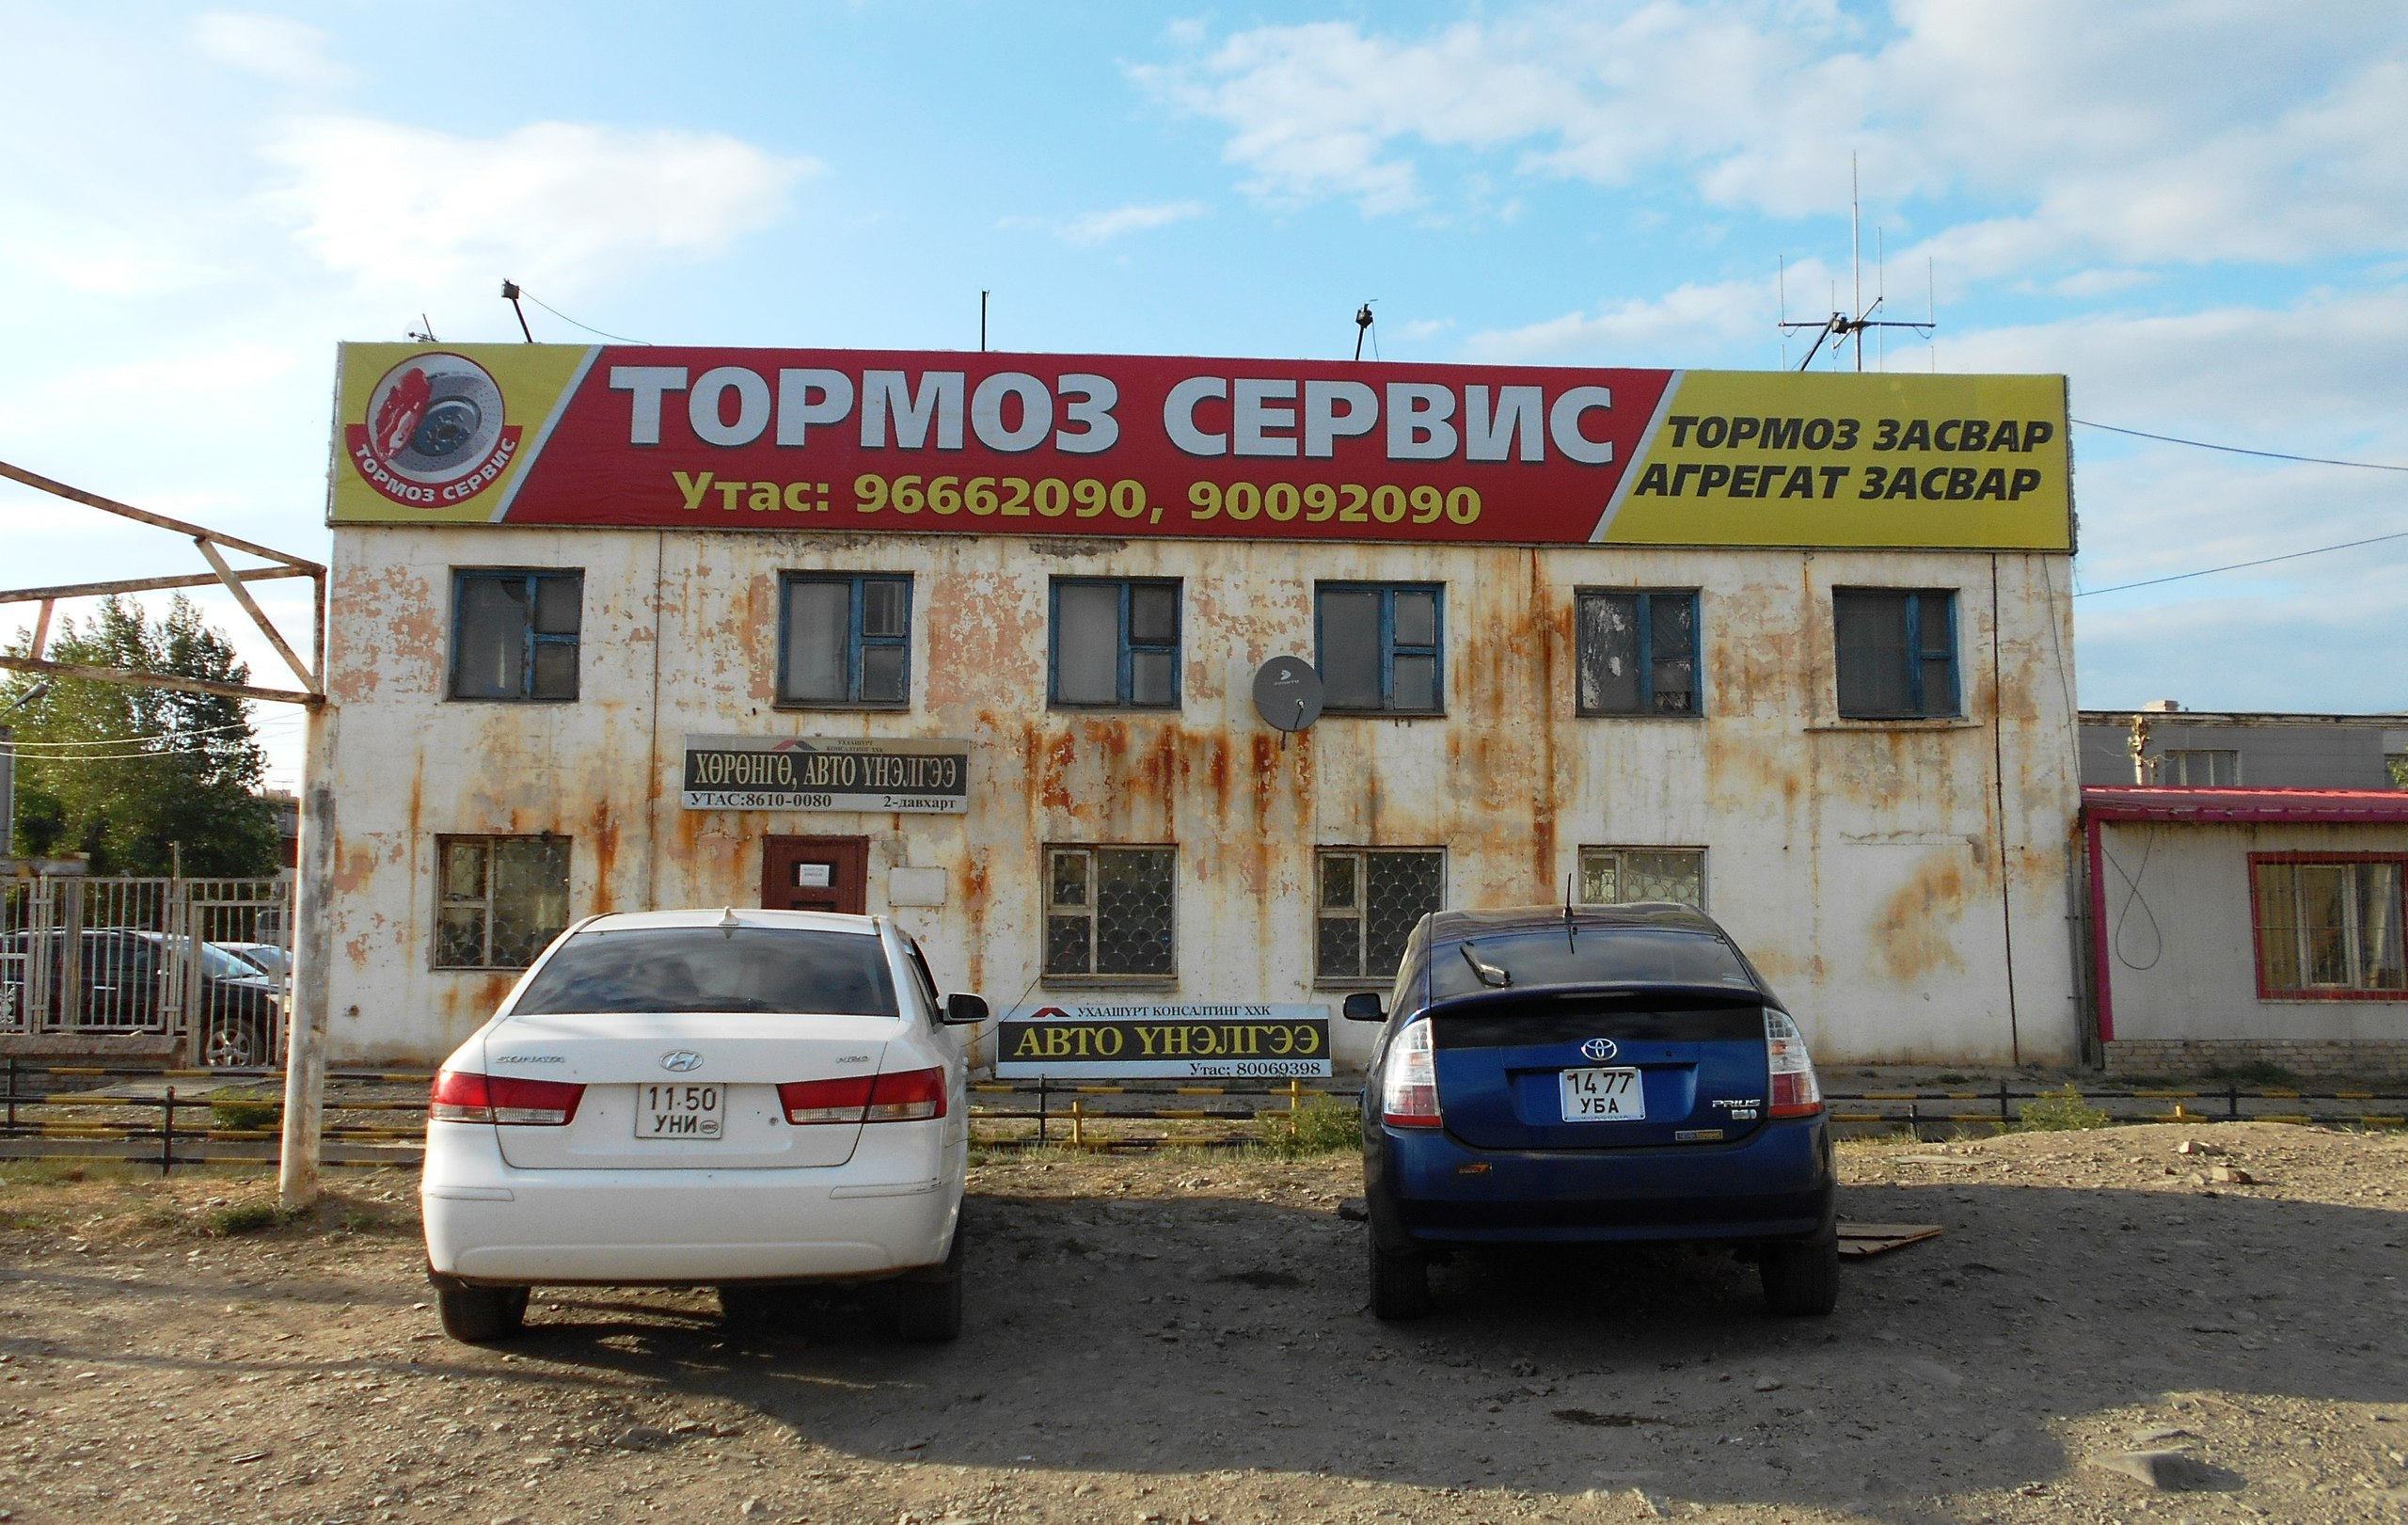 http://linkme.ufanet.ru/images/086059703c06ffbf585e06699b5f0c22.jpg